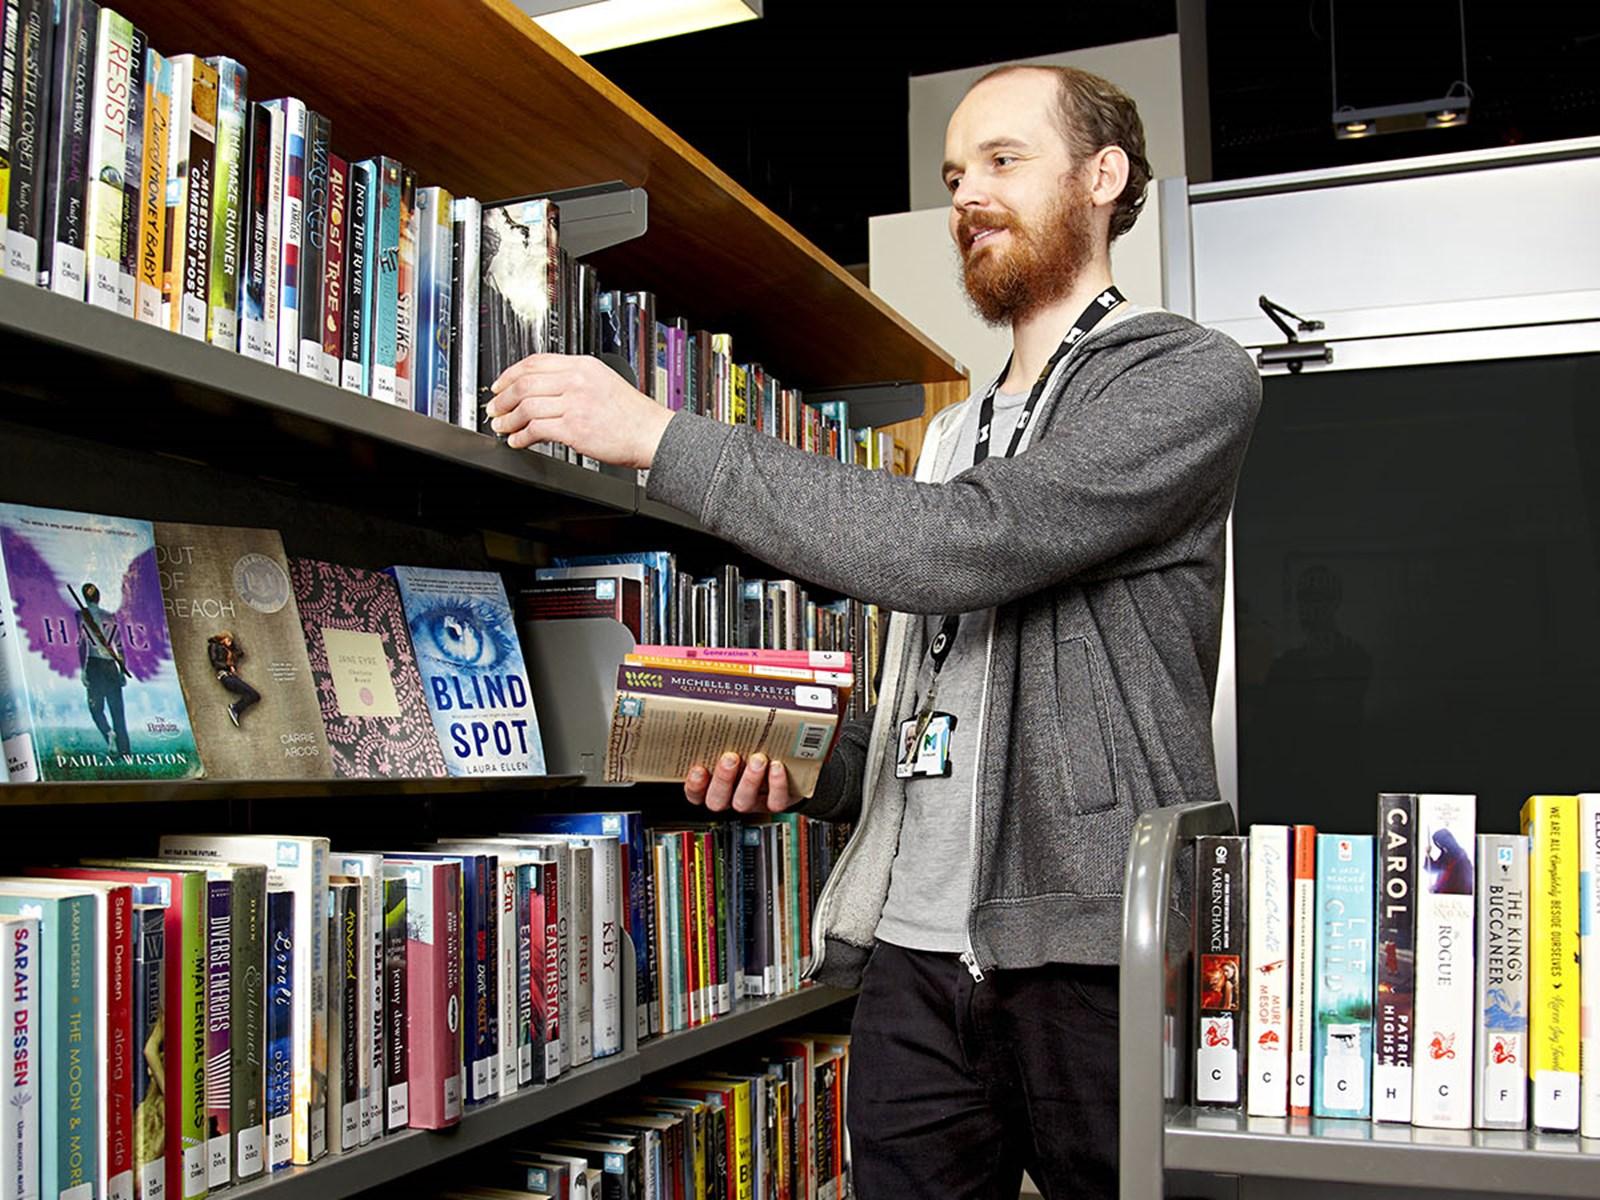 City Library, Melbourne, Victoria, Australia